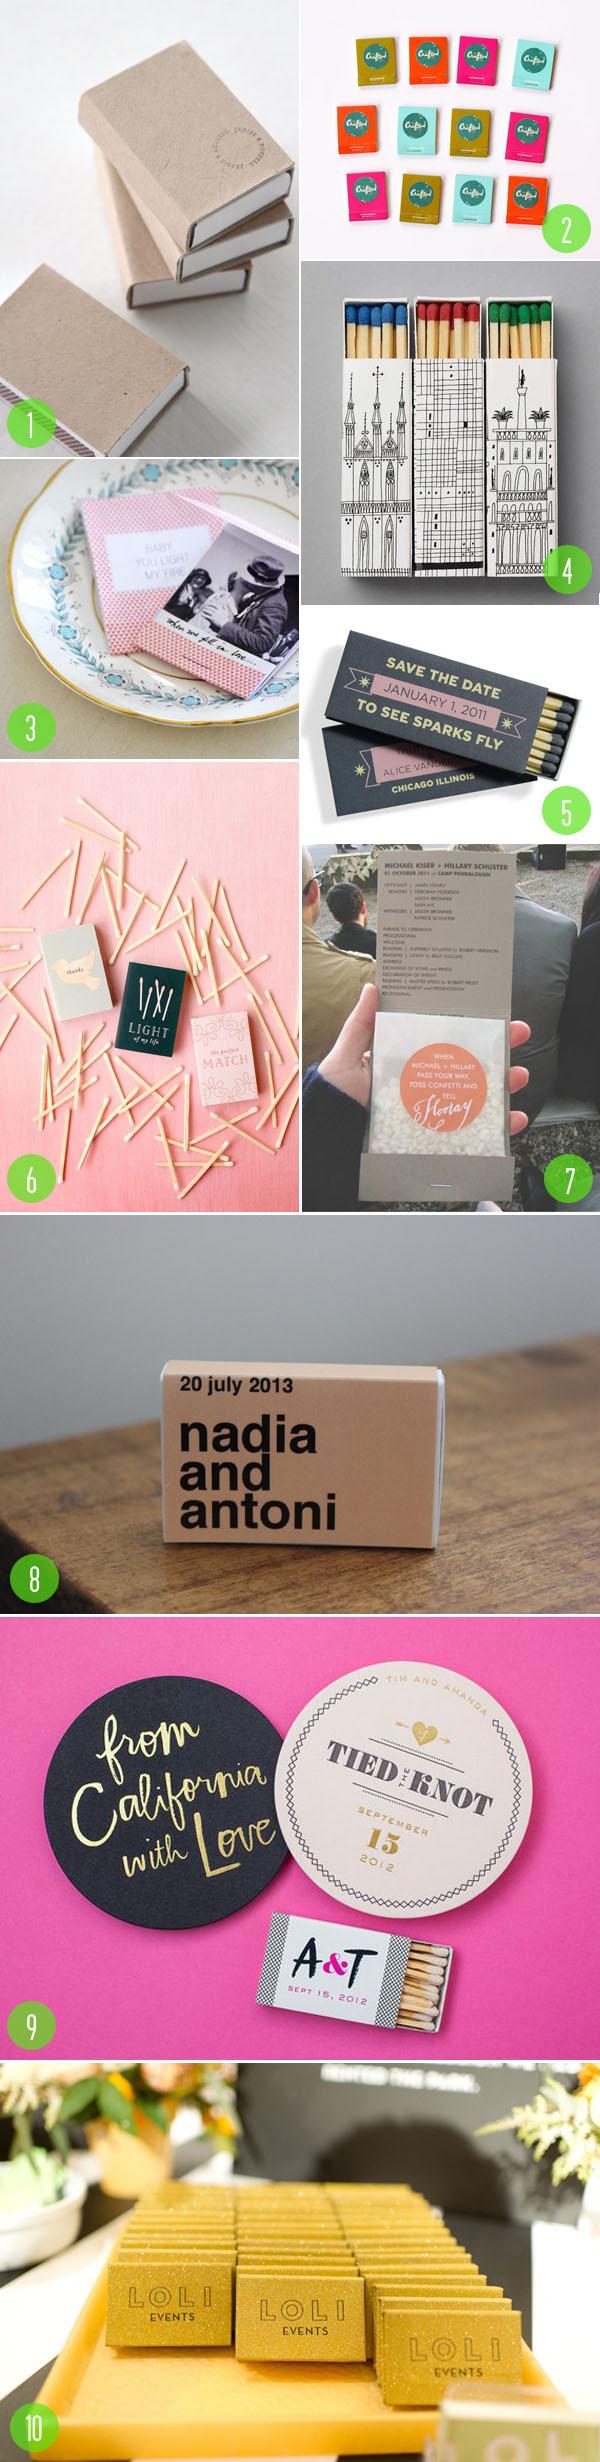 top 10: matchbooks